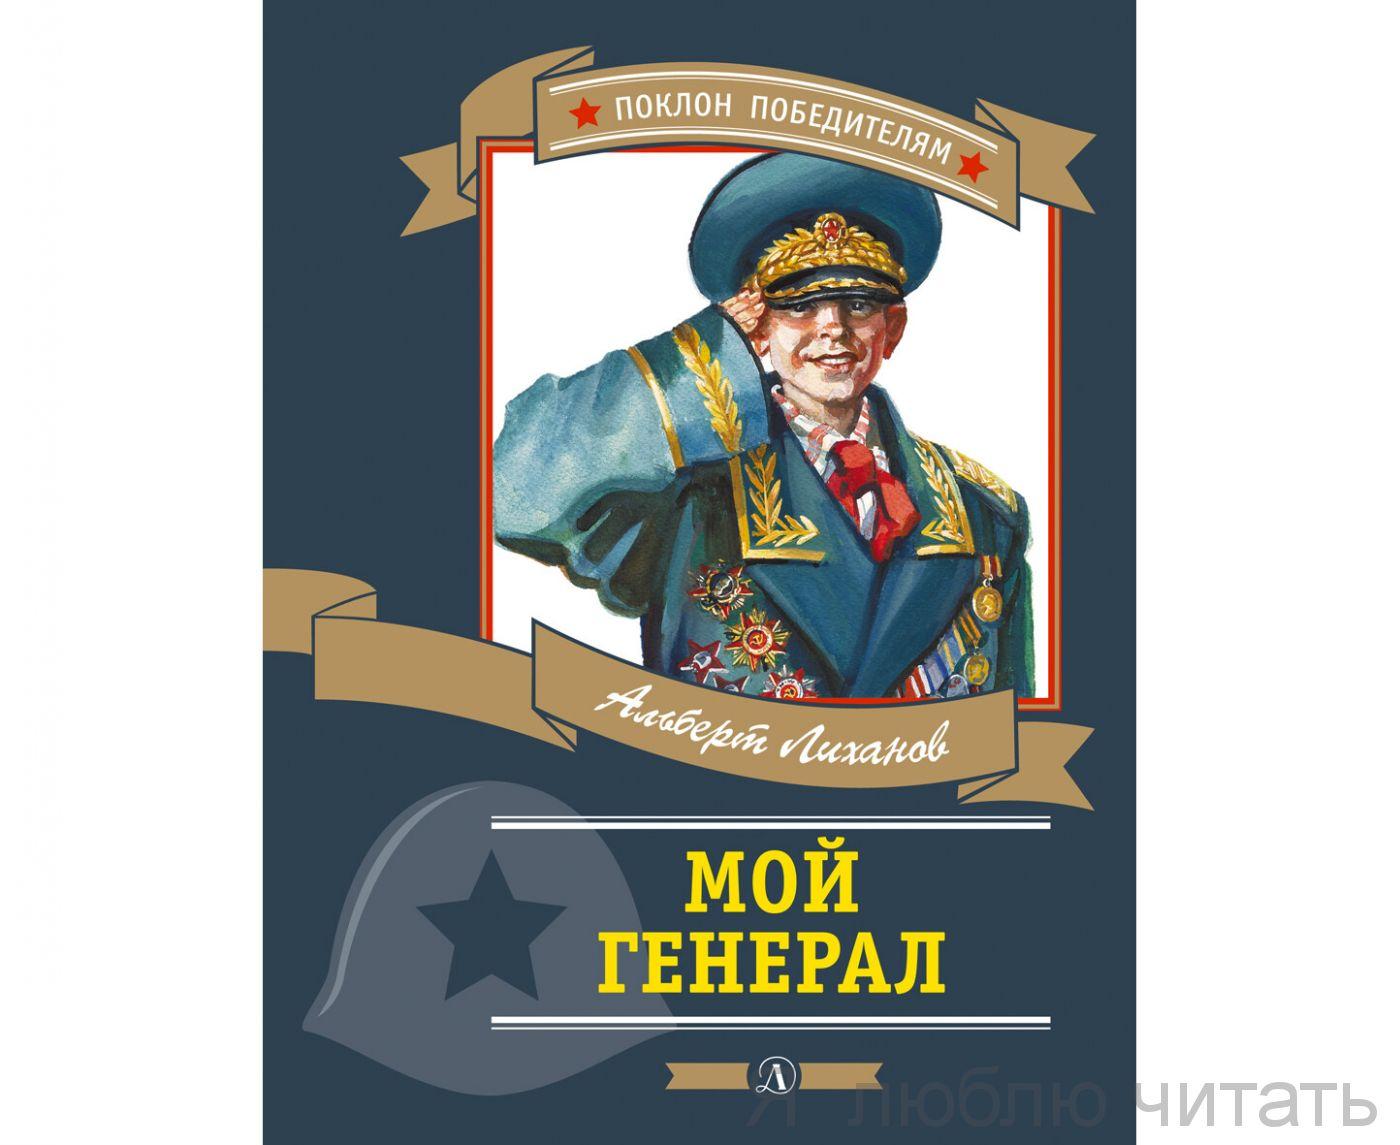 Мой генерал